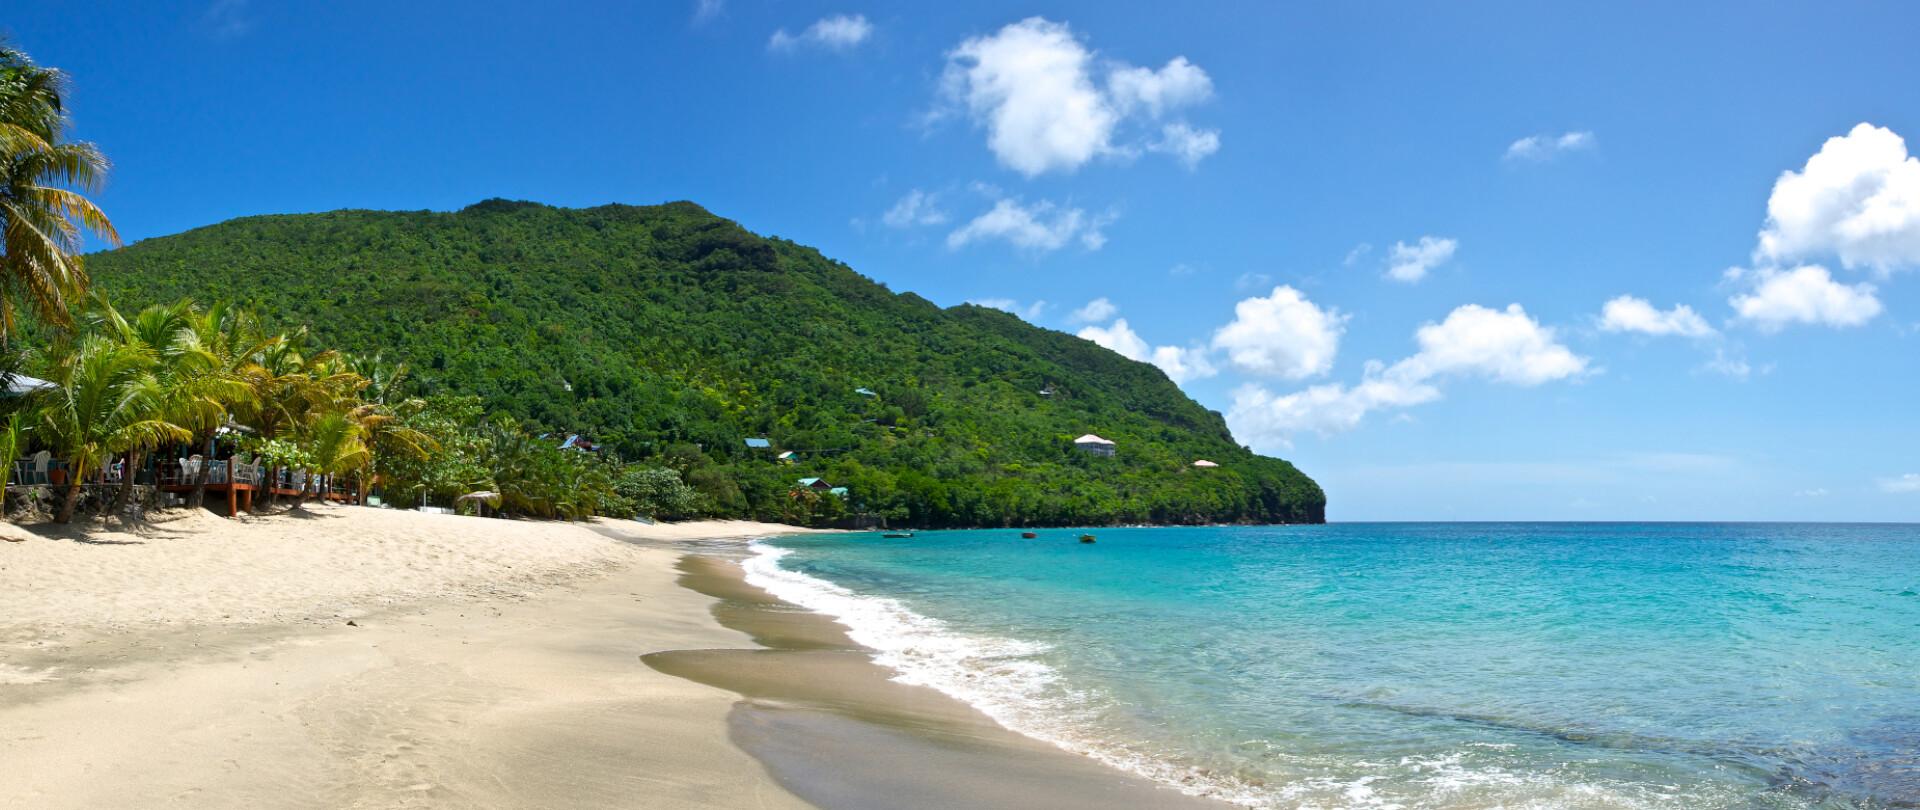 GLADIUS - The Caribbean Dream photo 1